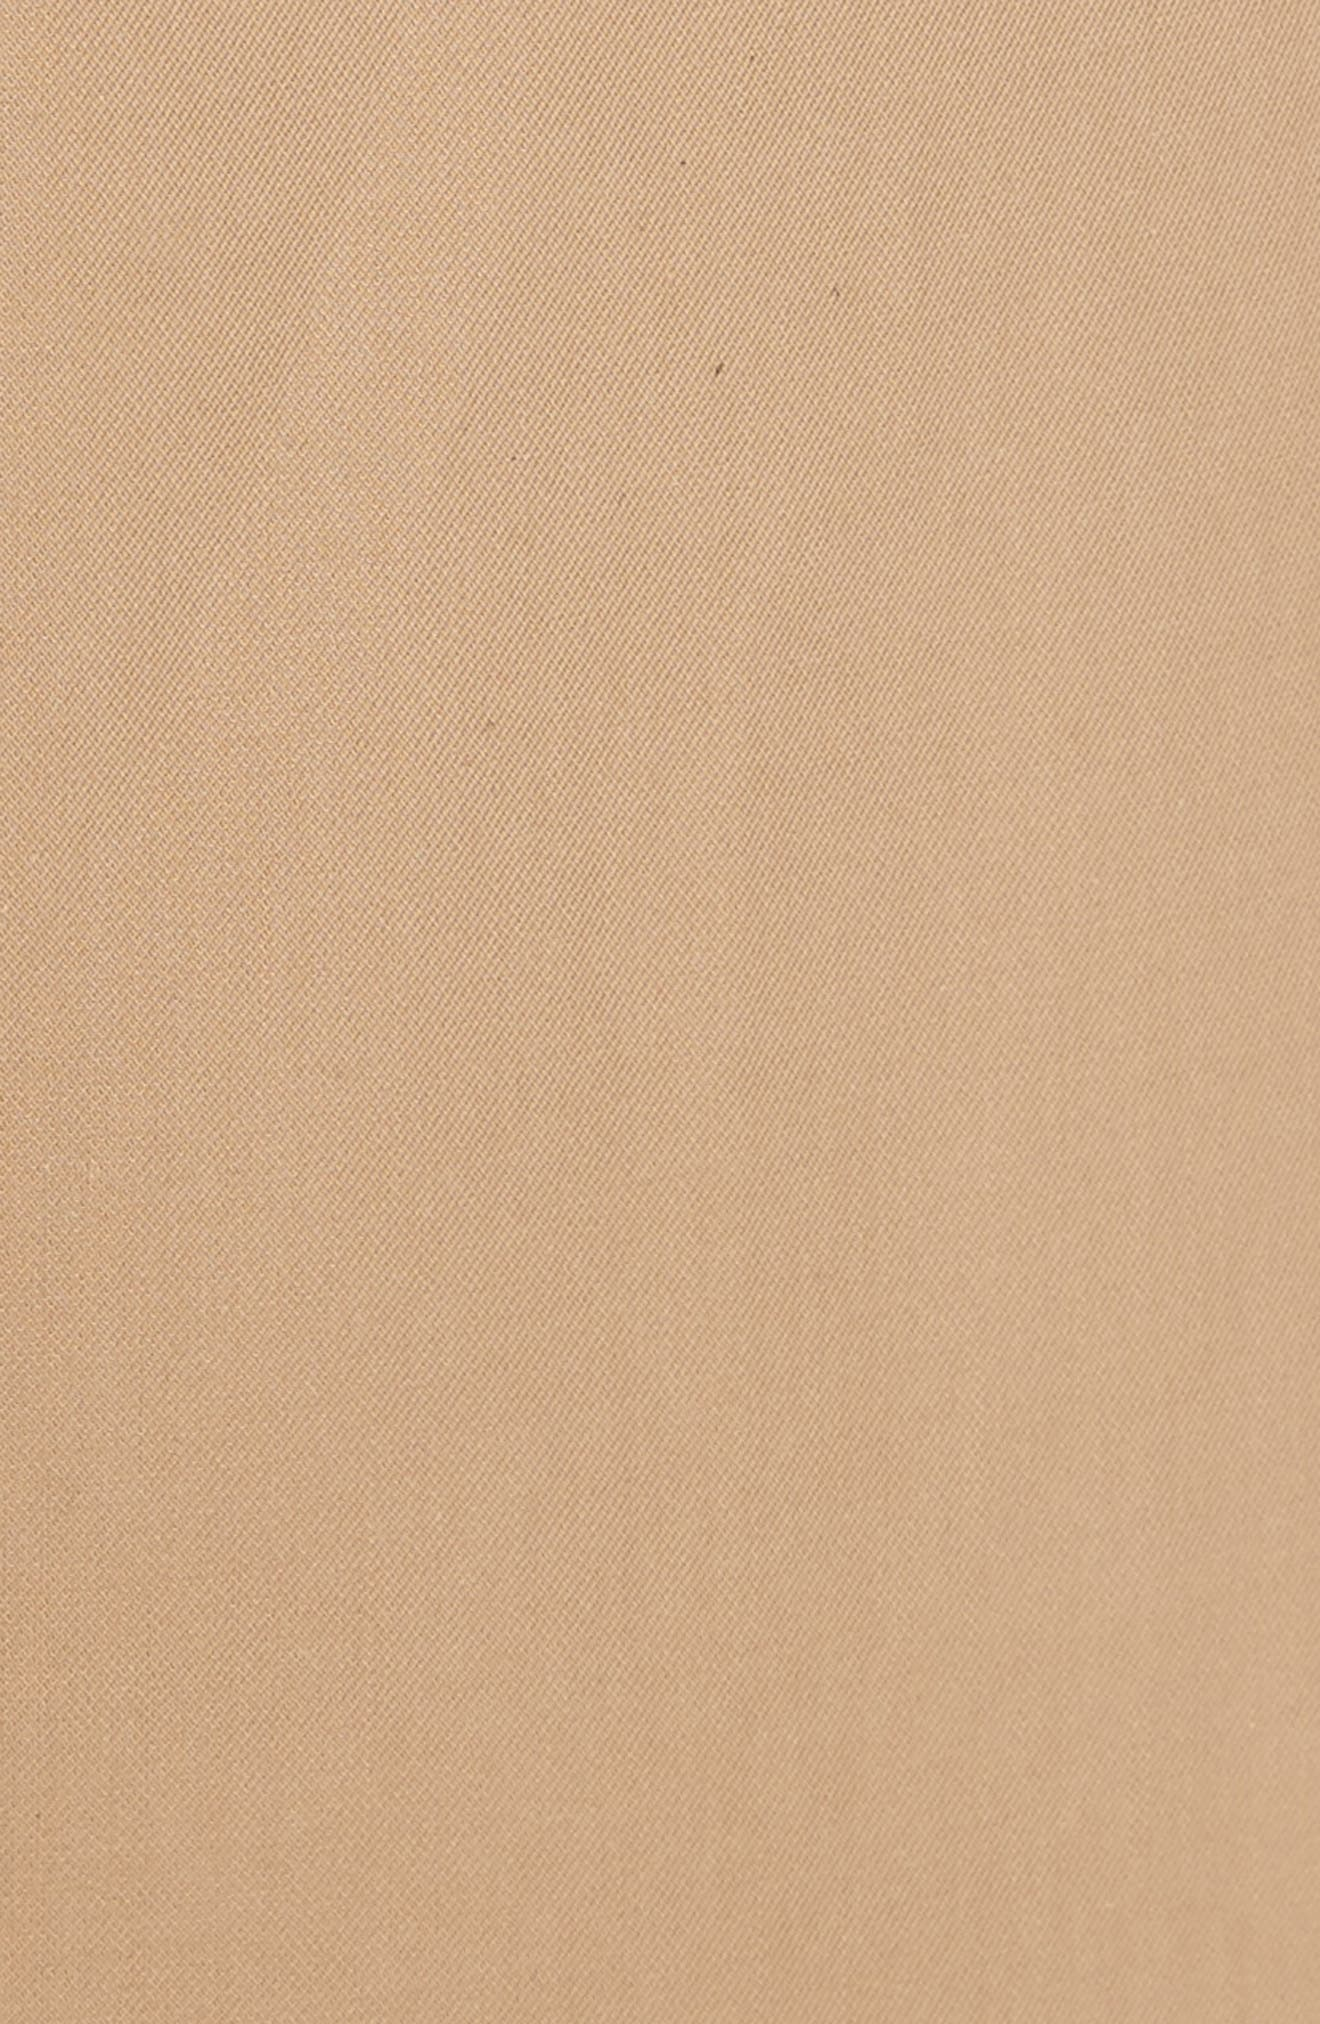 Cotton Crop Pants,                             Alternate thumbnail 4, color,                             Camel